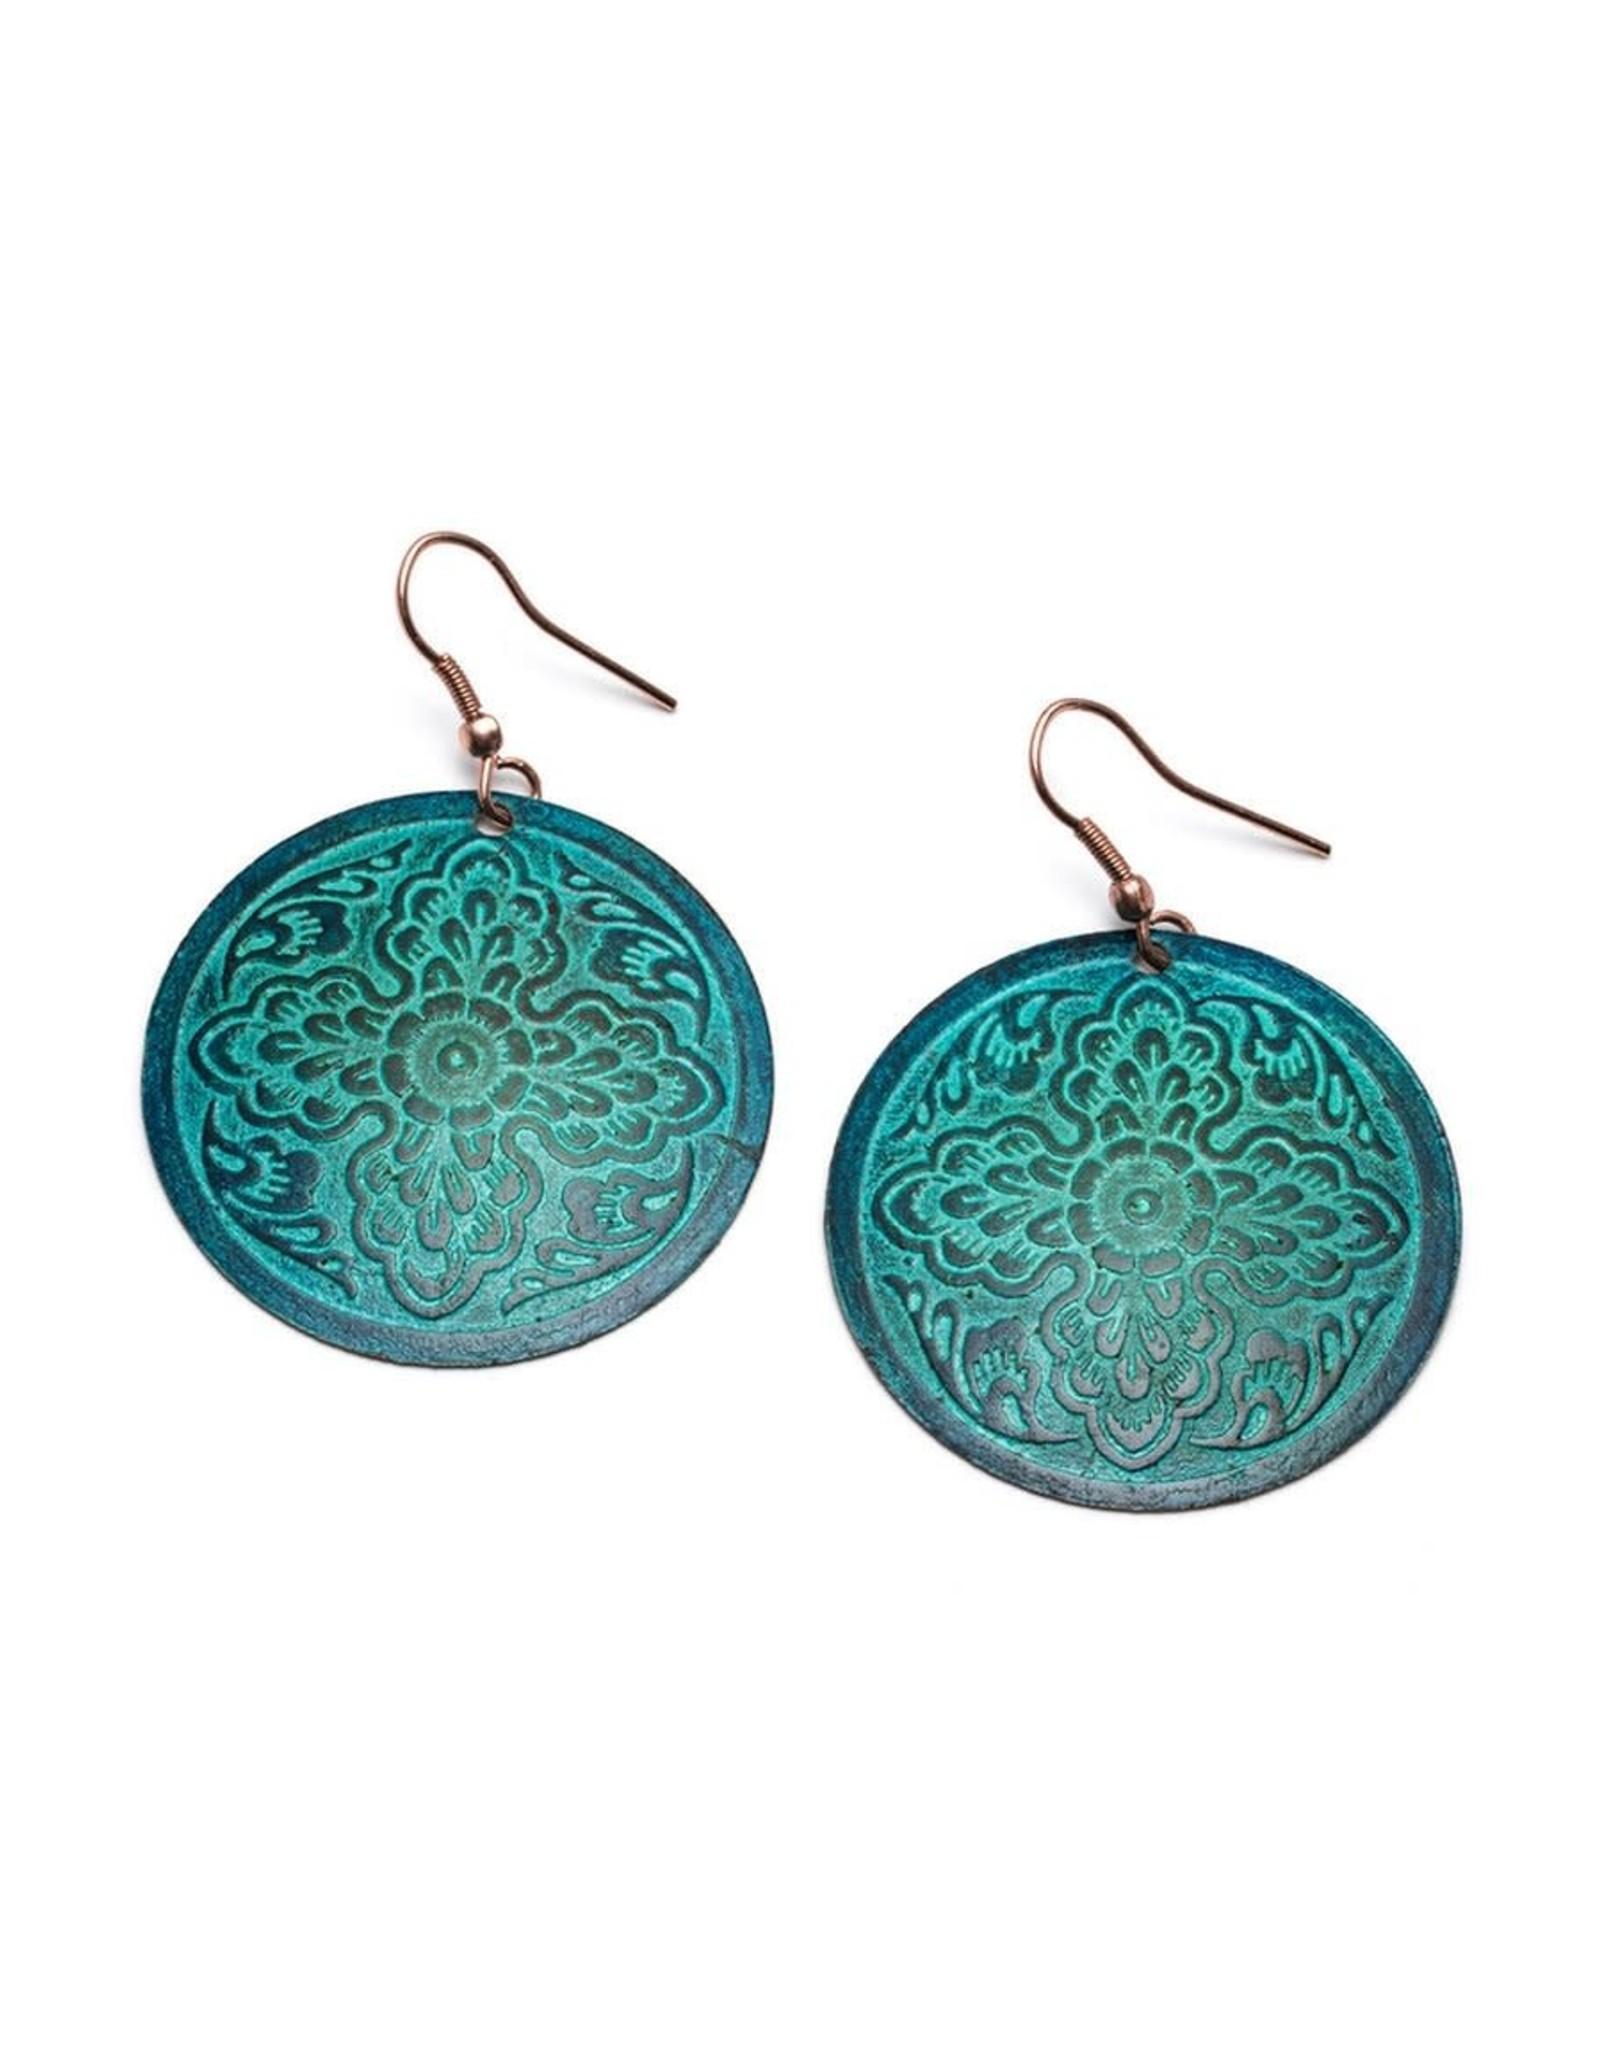 Matr Boomie Devika earrings- Atasi